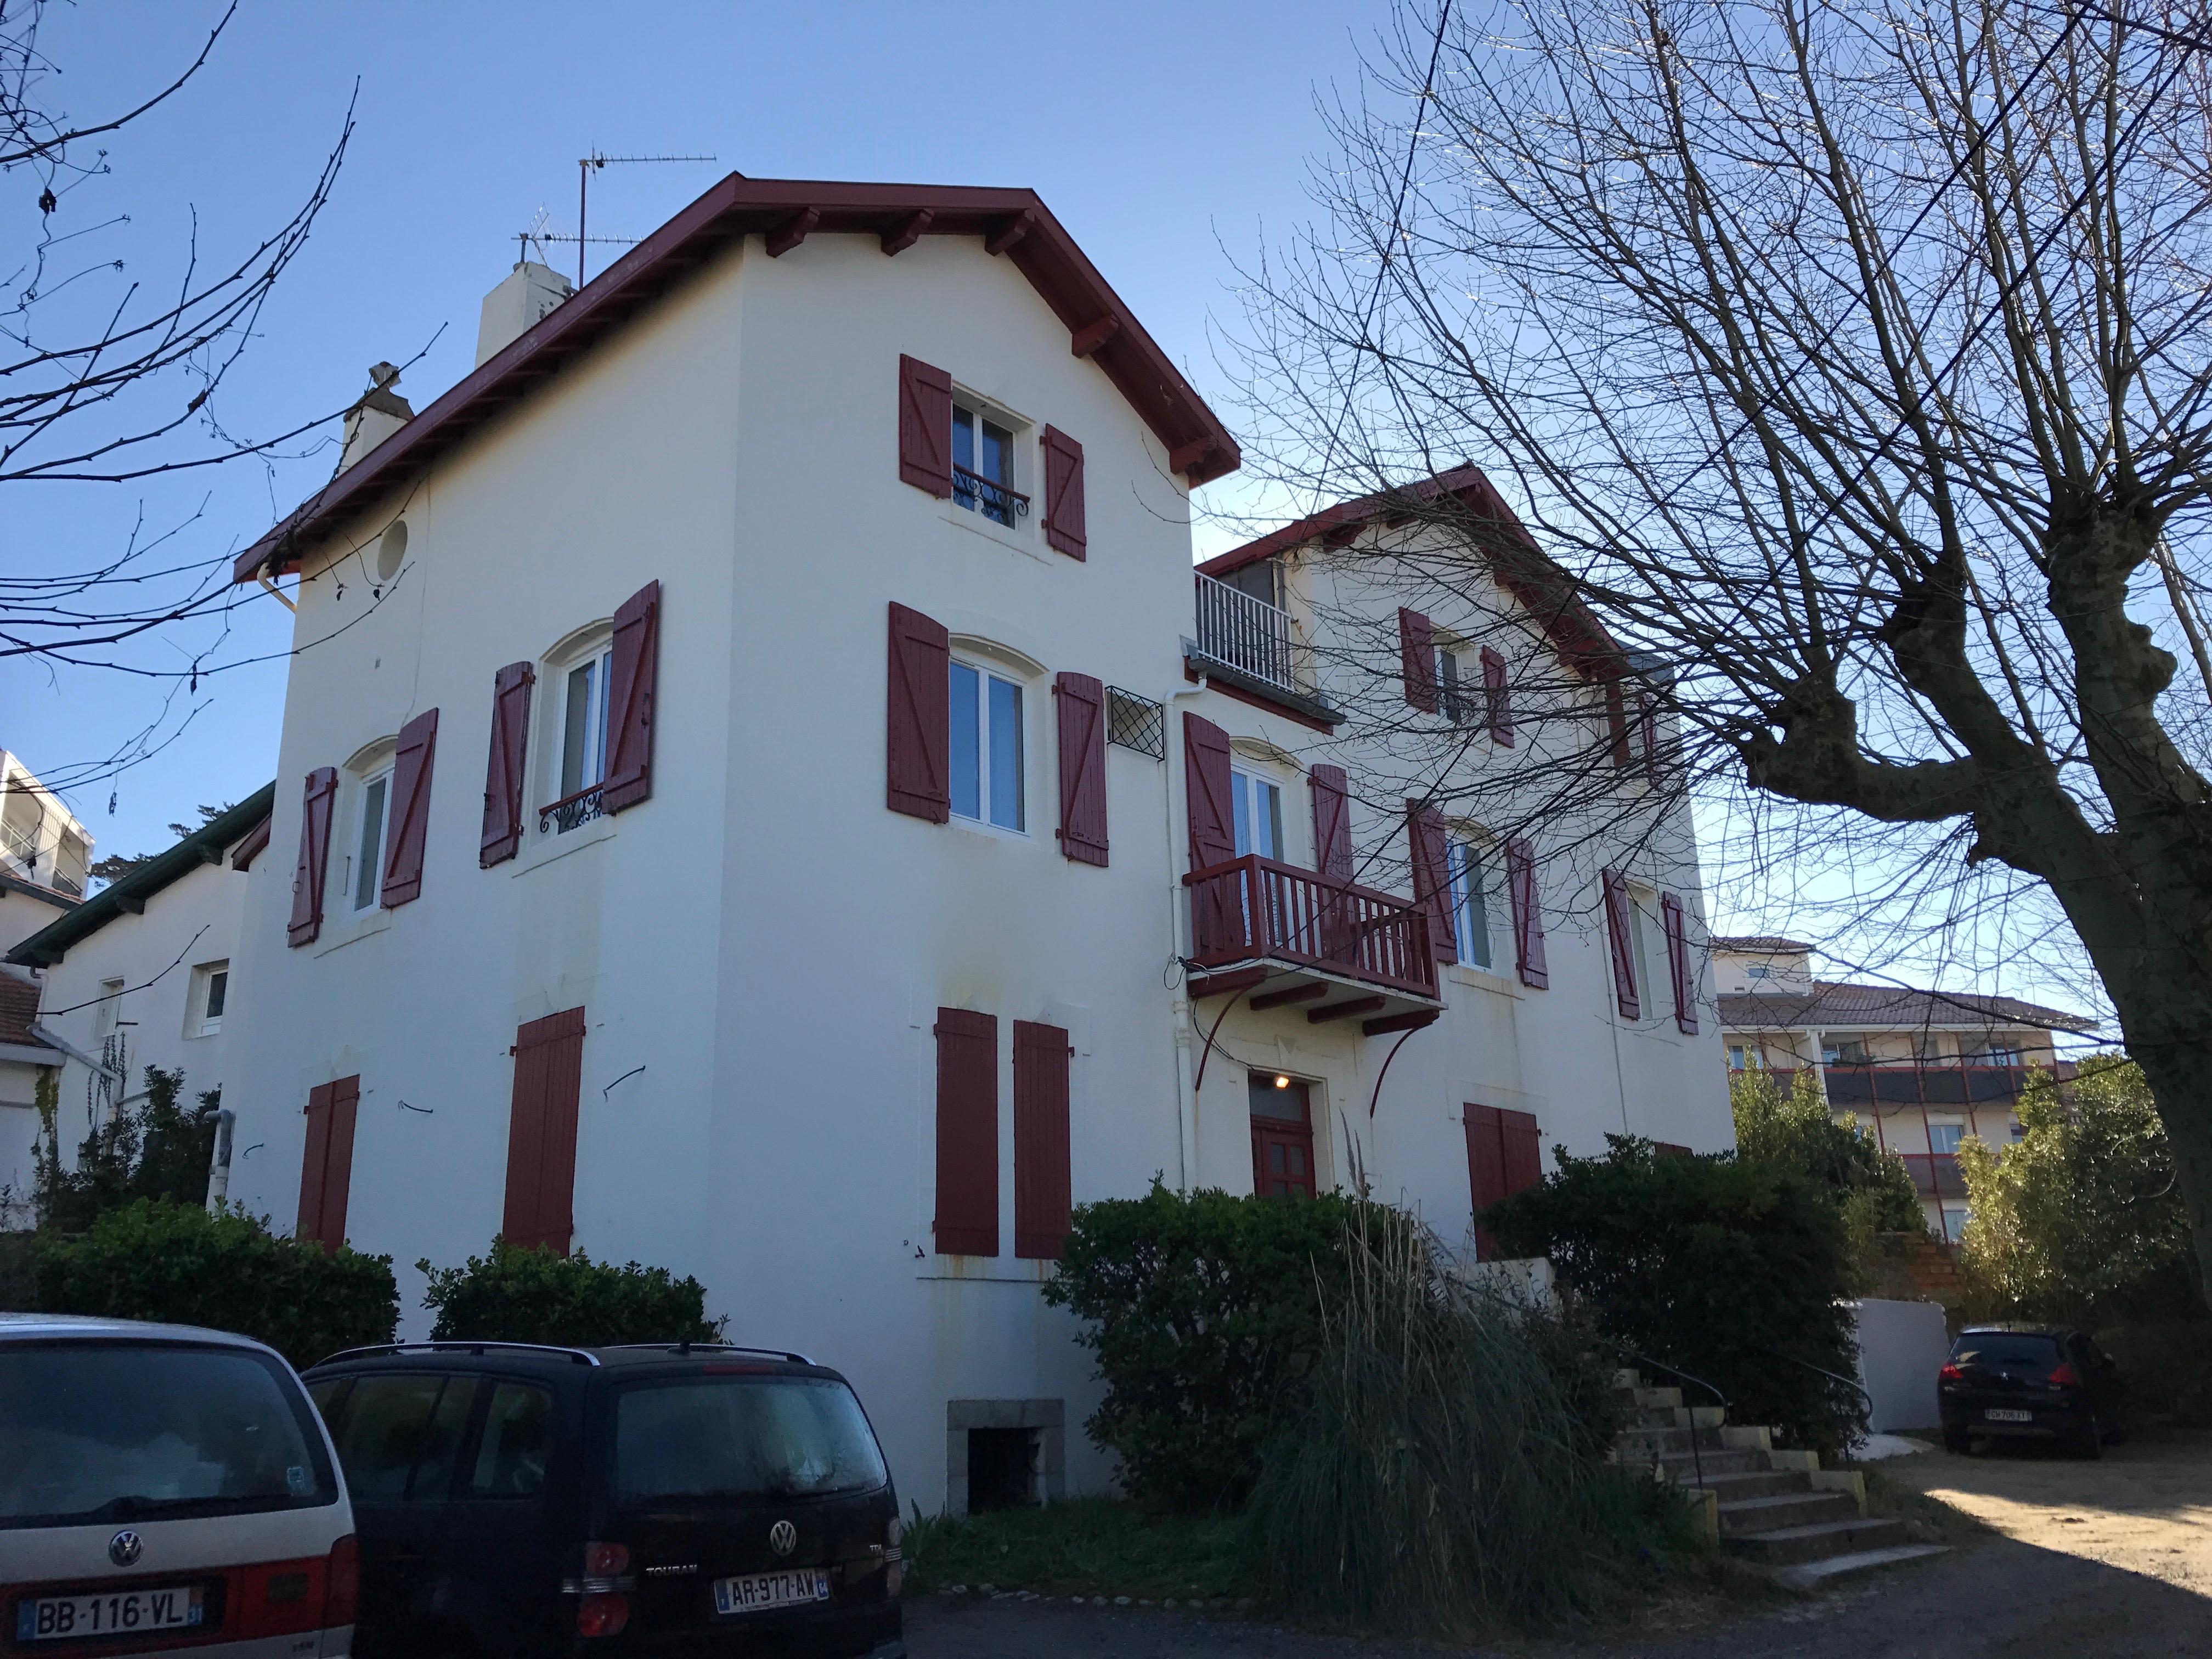 Ferienwohnung Biarritz - FerienhausUrlaub.com